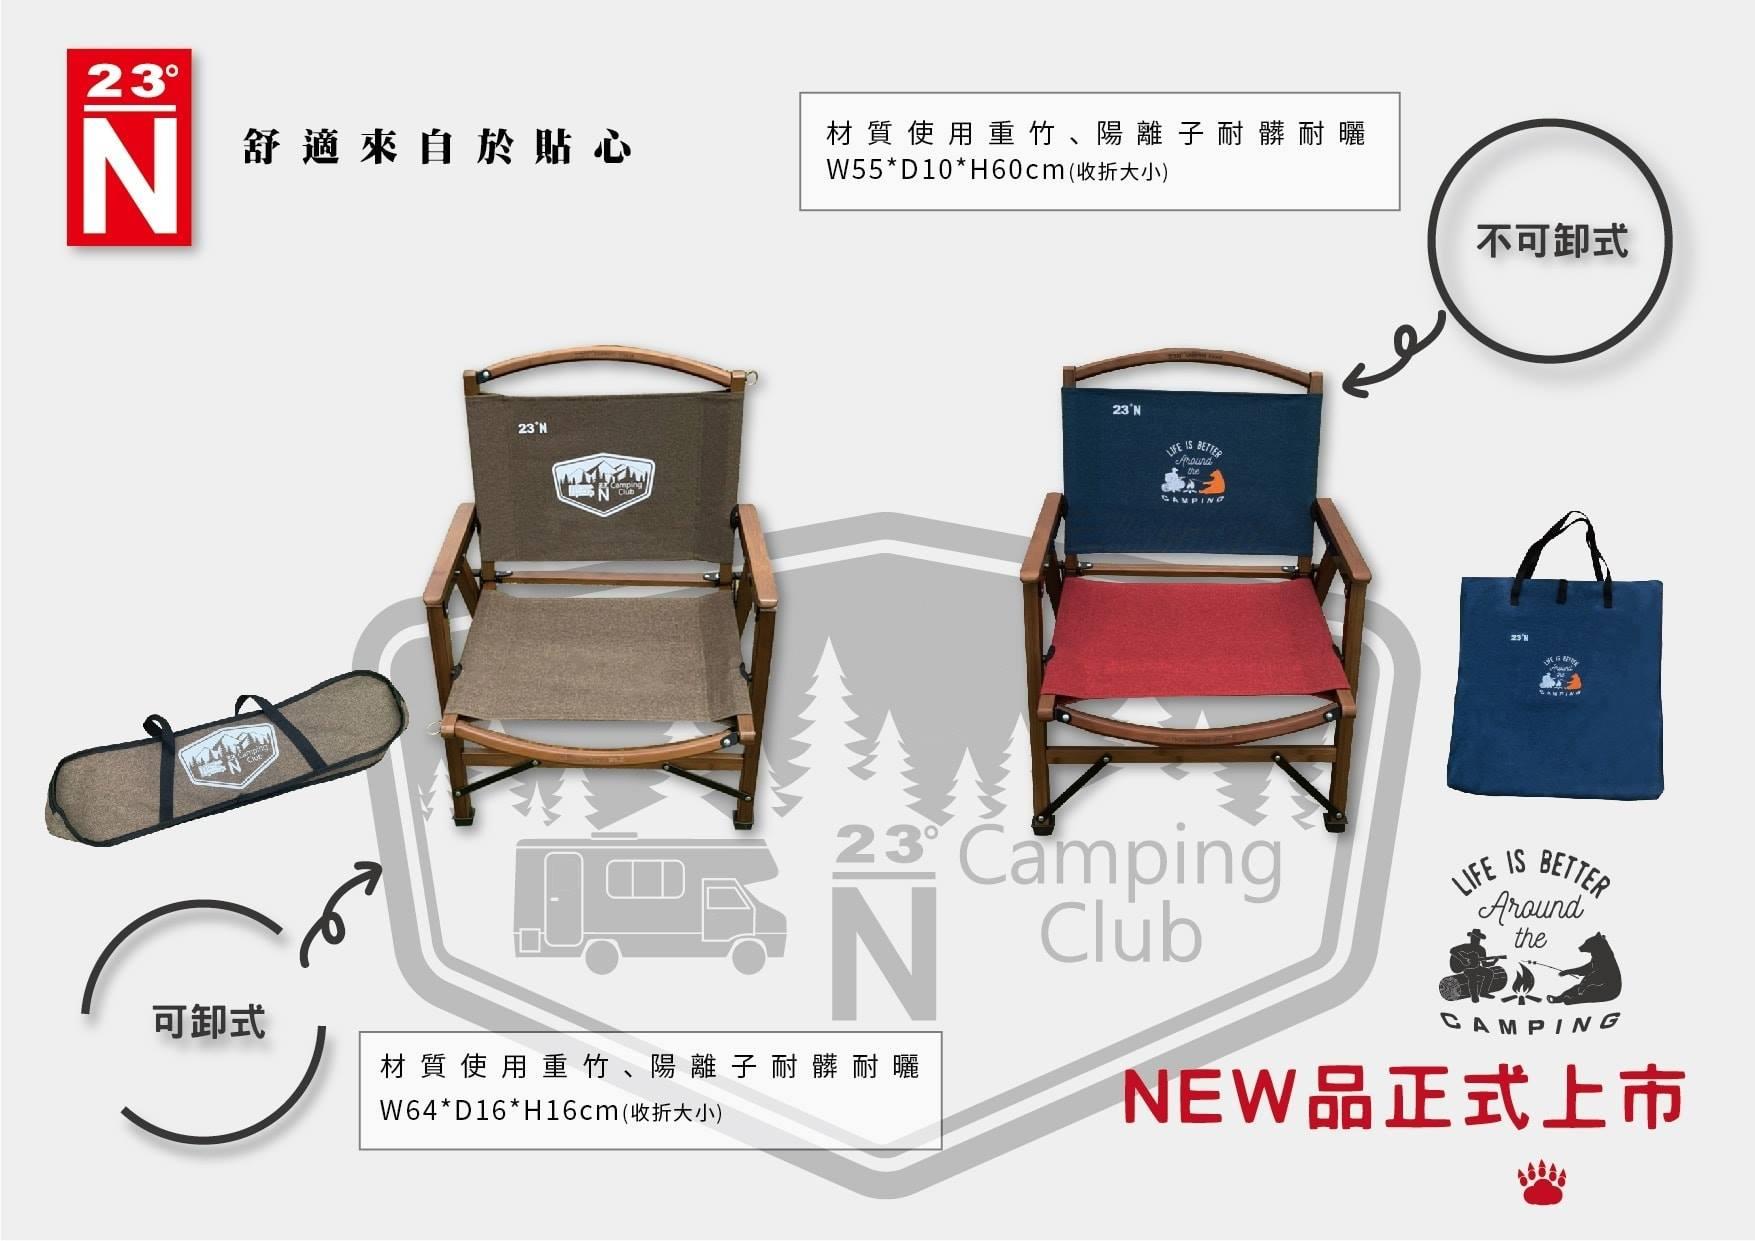 《愛露愛玩》【台灣北緯23度】 重竹椅 導演椅 露營椅 摺疊椅